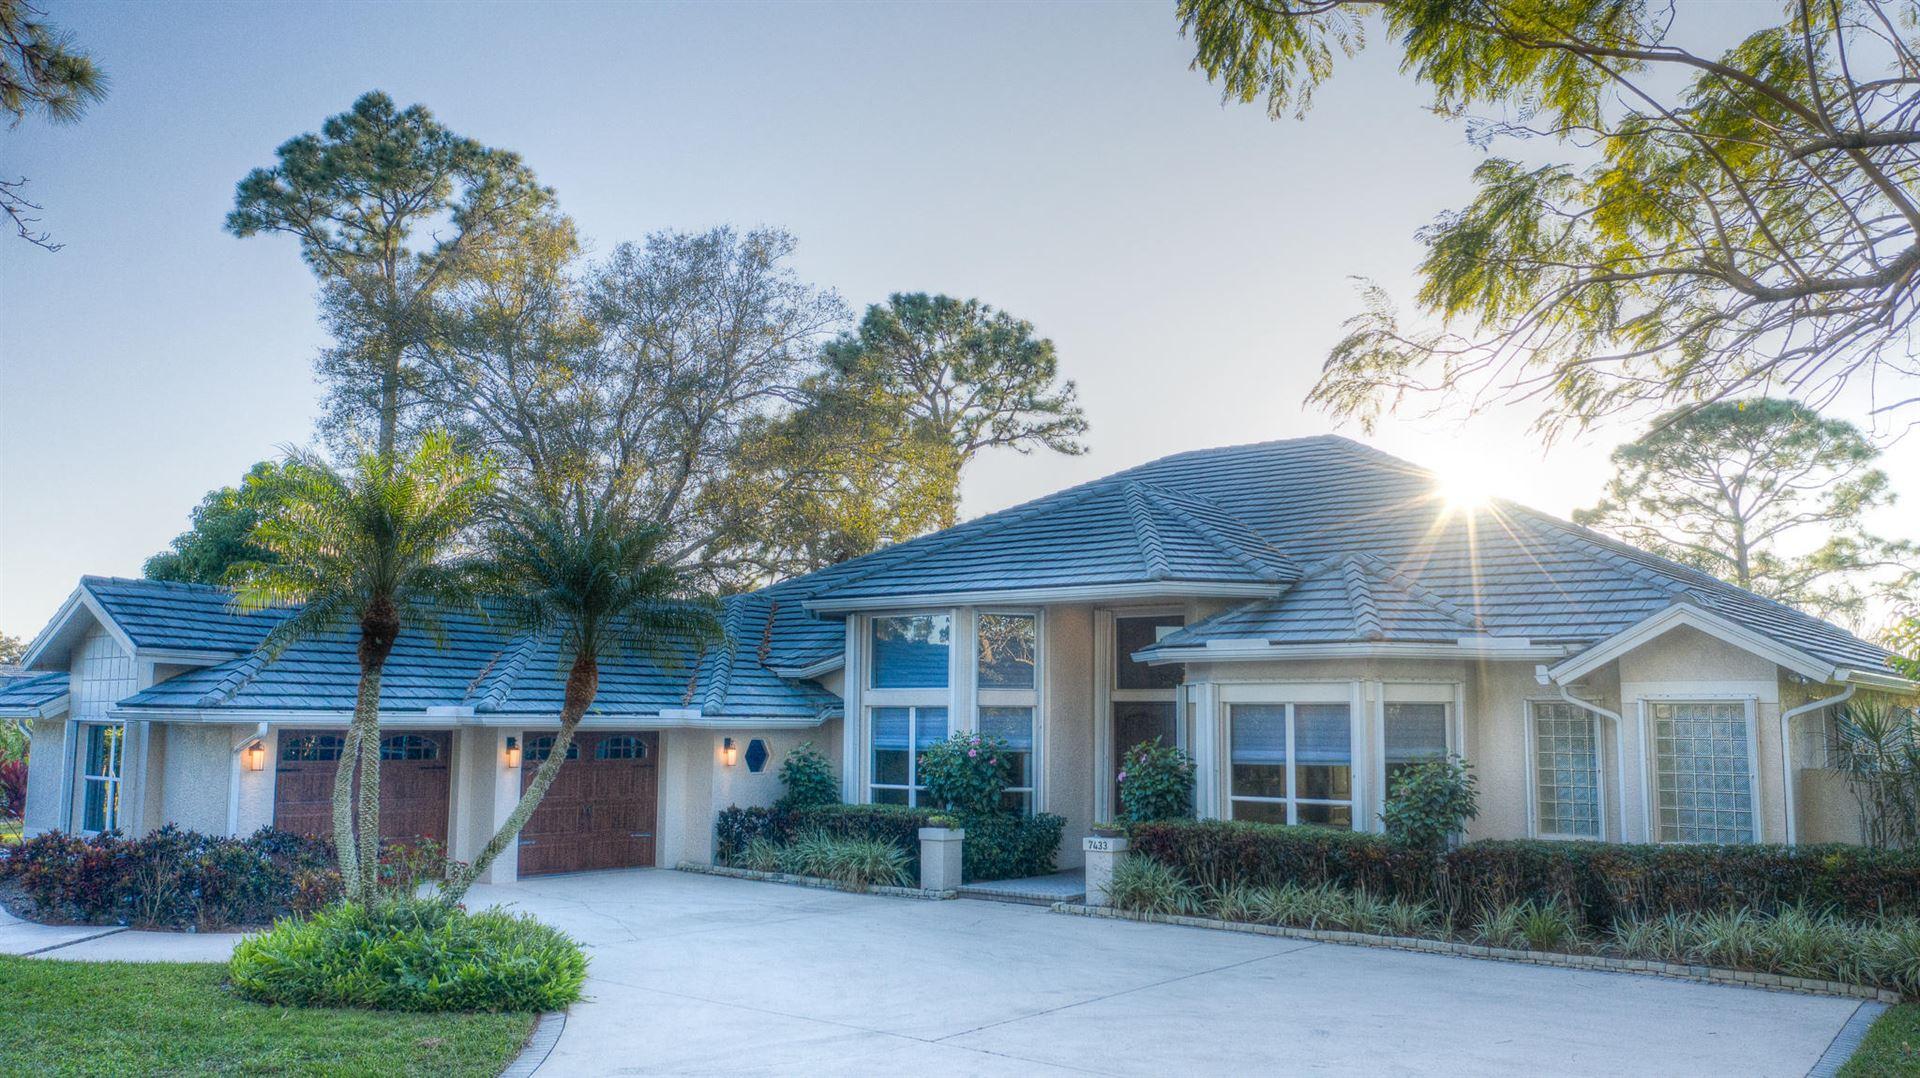 7433 Laurels Place, Port Saint Lucie, FL 34986 - #: RX-10683694